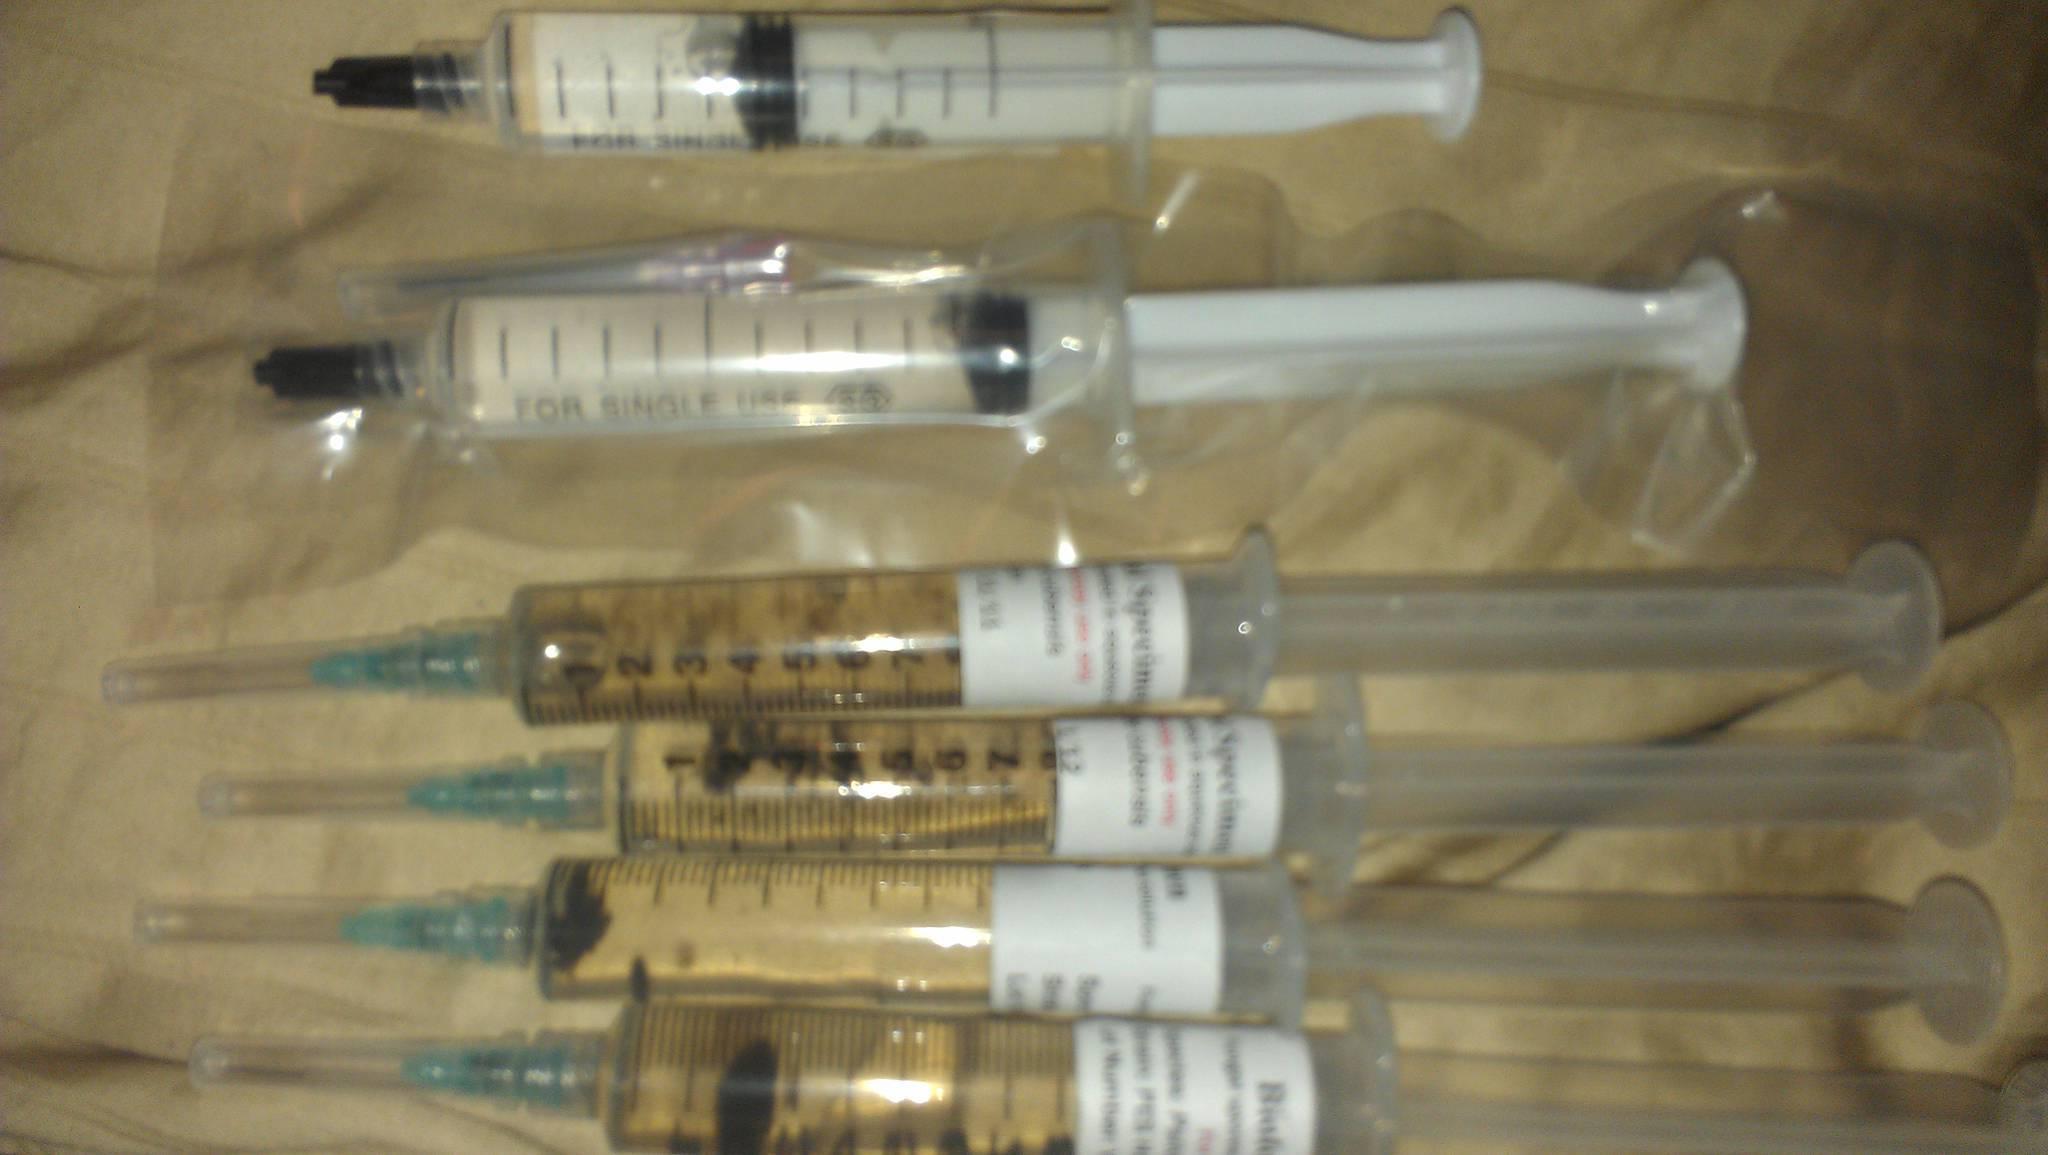 Sporeworks vs sporefarmers - syringes - Shroomery Sponsors